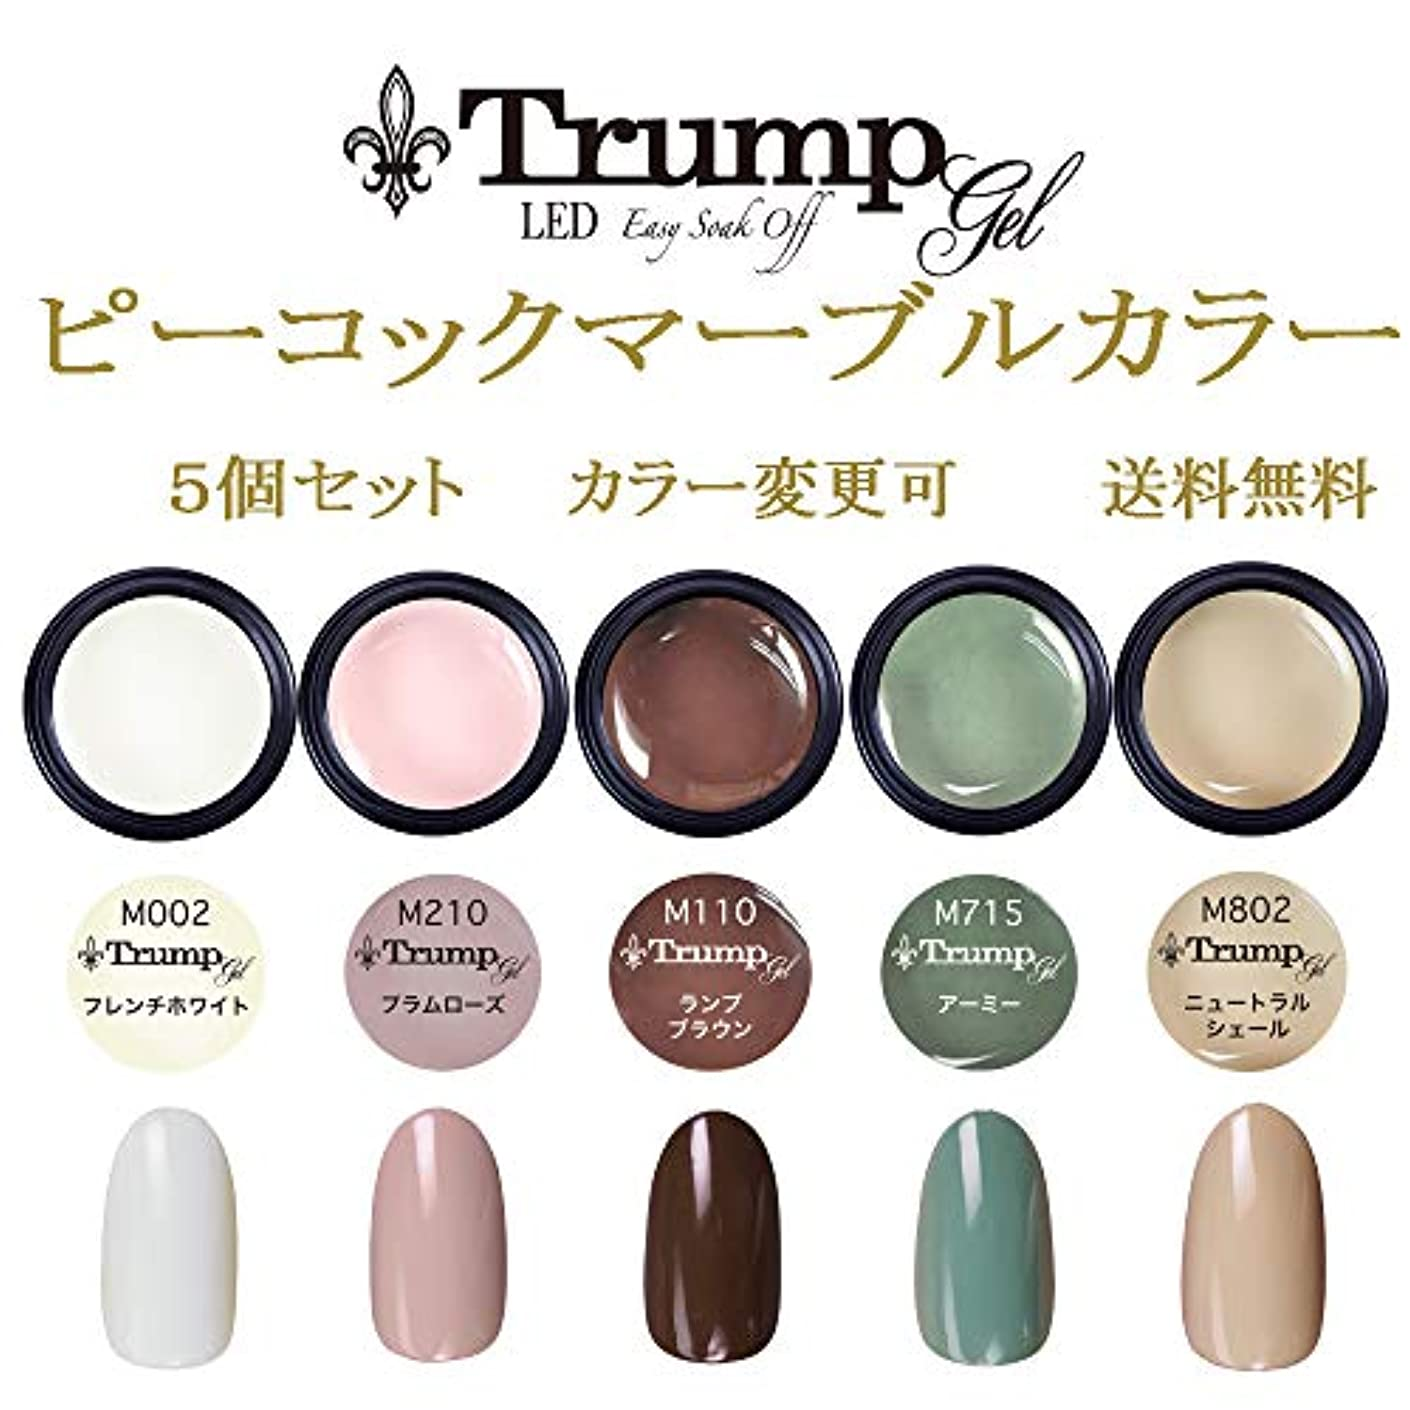 融合シーケンス郵便番号【送料無料】日本製 Trump gel トランプジェル ピーコックマーブル カラージェル 5個セット 魅惑のフロストマットトップとマットに合う人気カラーをチョイス